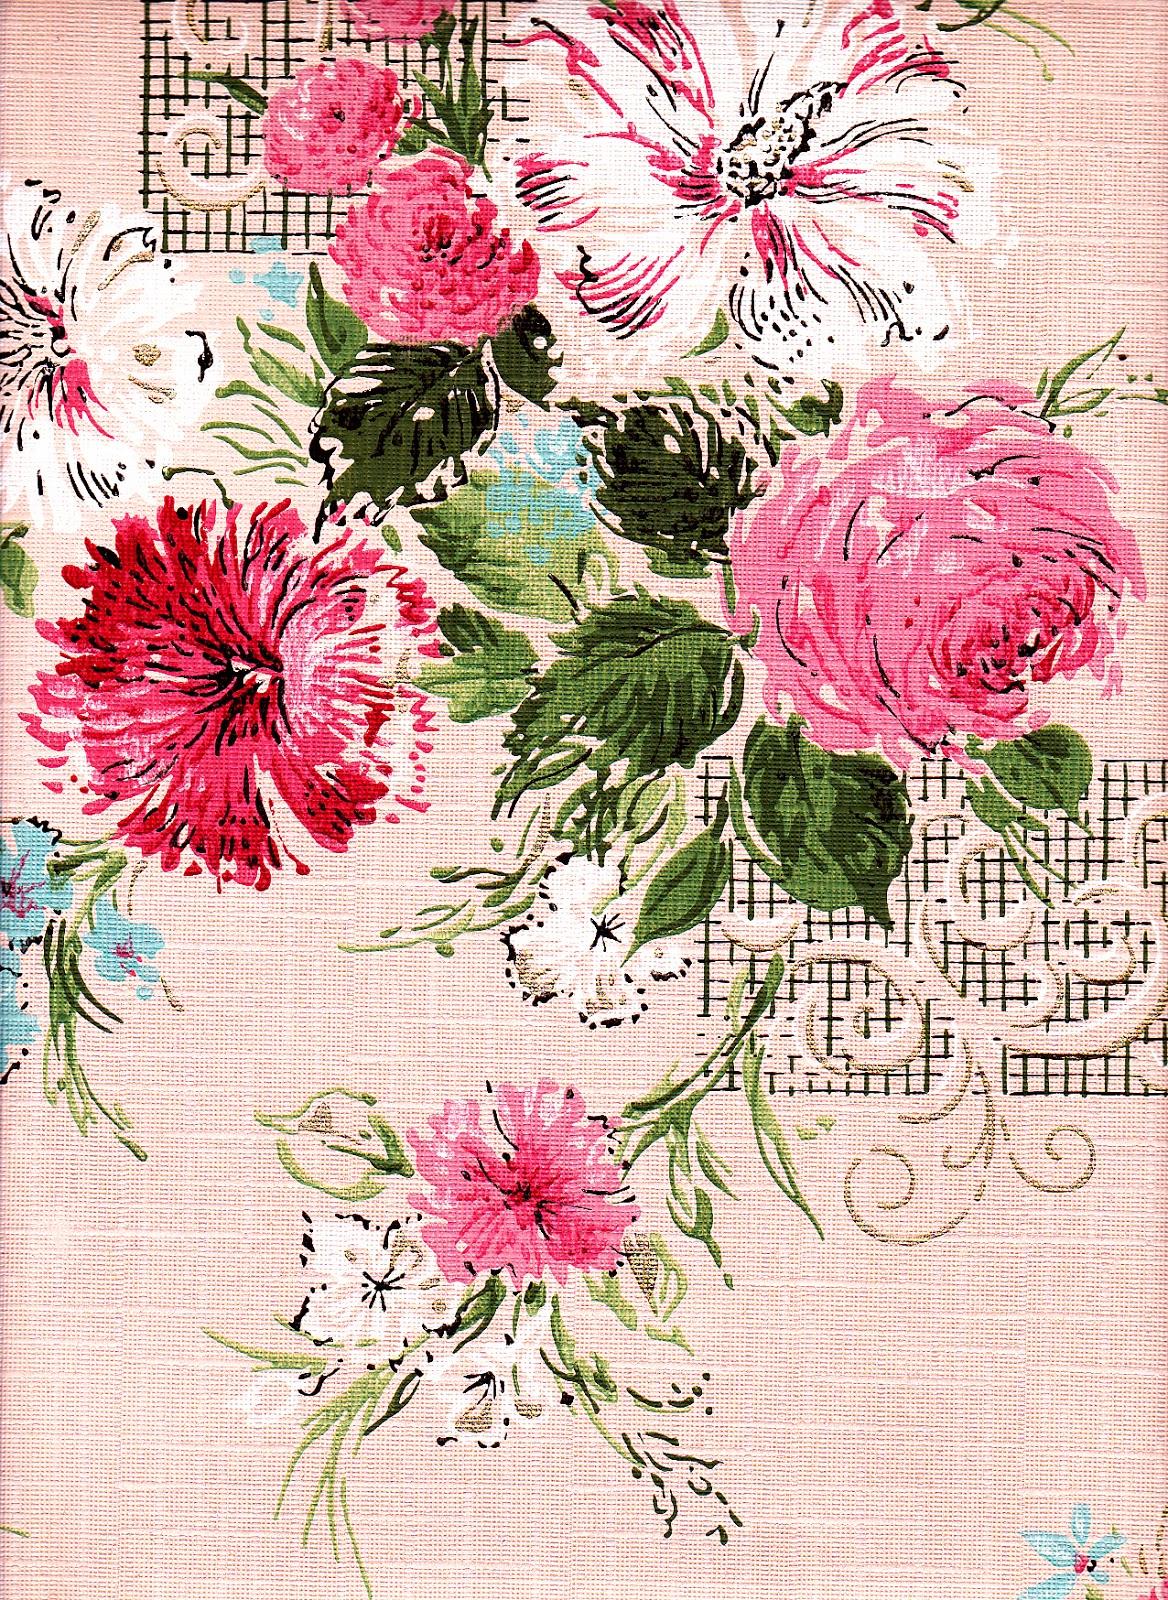 http://4.bp.blogspot.com/-NeEGb1-pCxg/UTjnUJhgaqI/AAAAAAAAB5I/z9dlFwTE0v4/s1600/more+vintage+wallpaper_0009.jpg